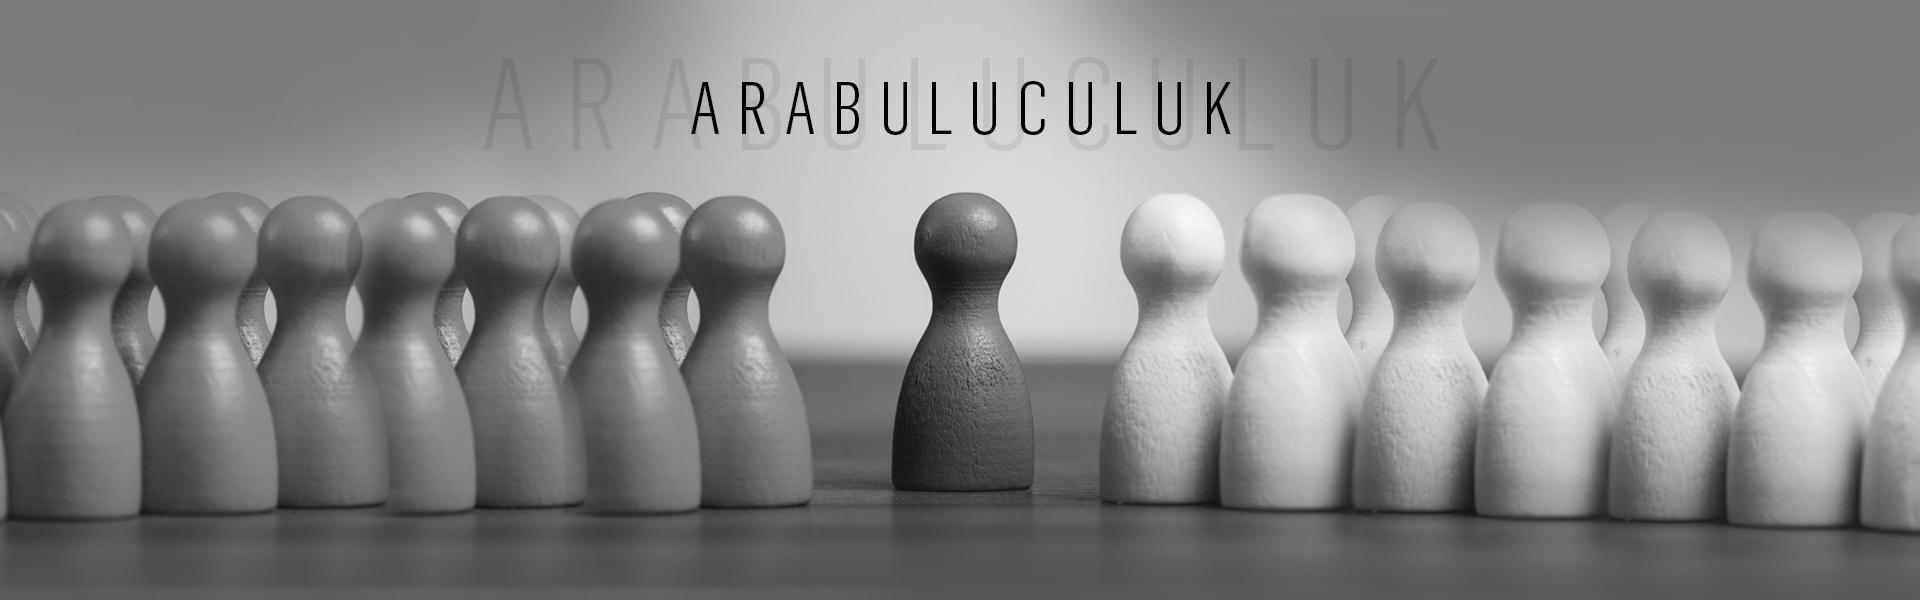 Arabuluculuk Ankara